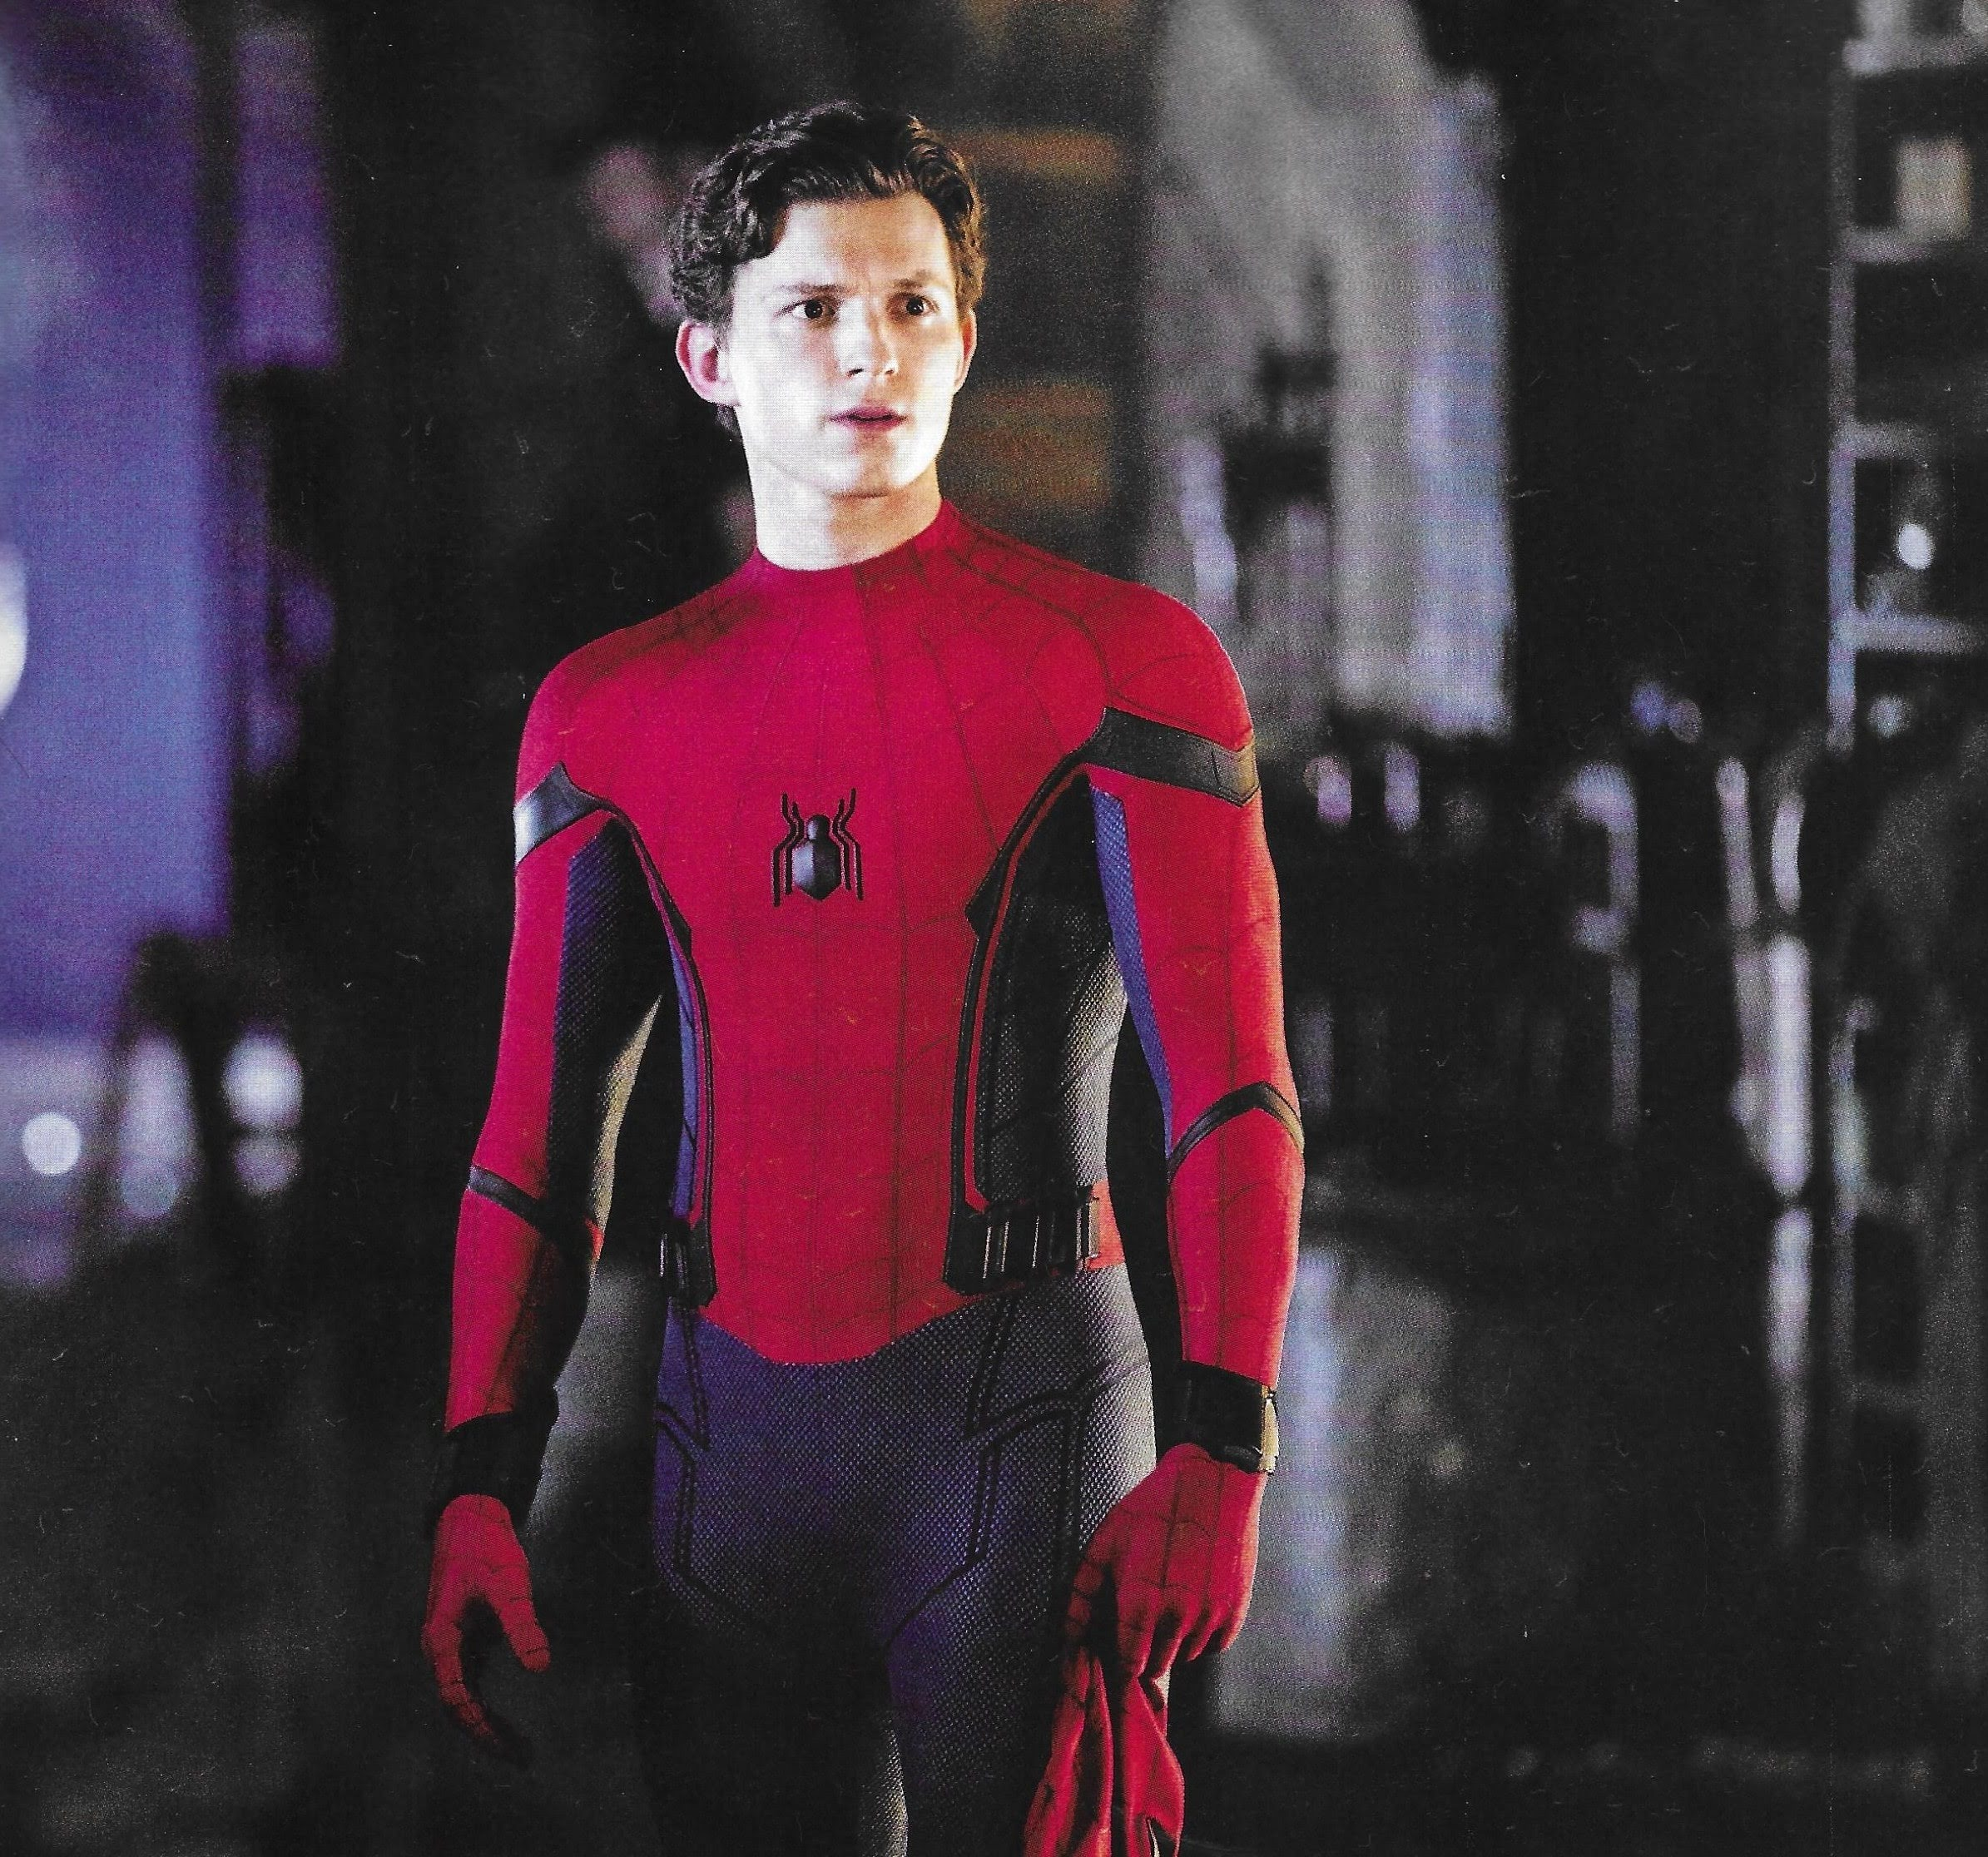 Spider-Man Far From Home : 歴史的大ヒット作「アベンジャーズ : エンドゲーム」後の少年ヒーローの成長を描く続編「スパイダーマン : ファー・フロム・ホーム」の新しい写真 ! !